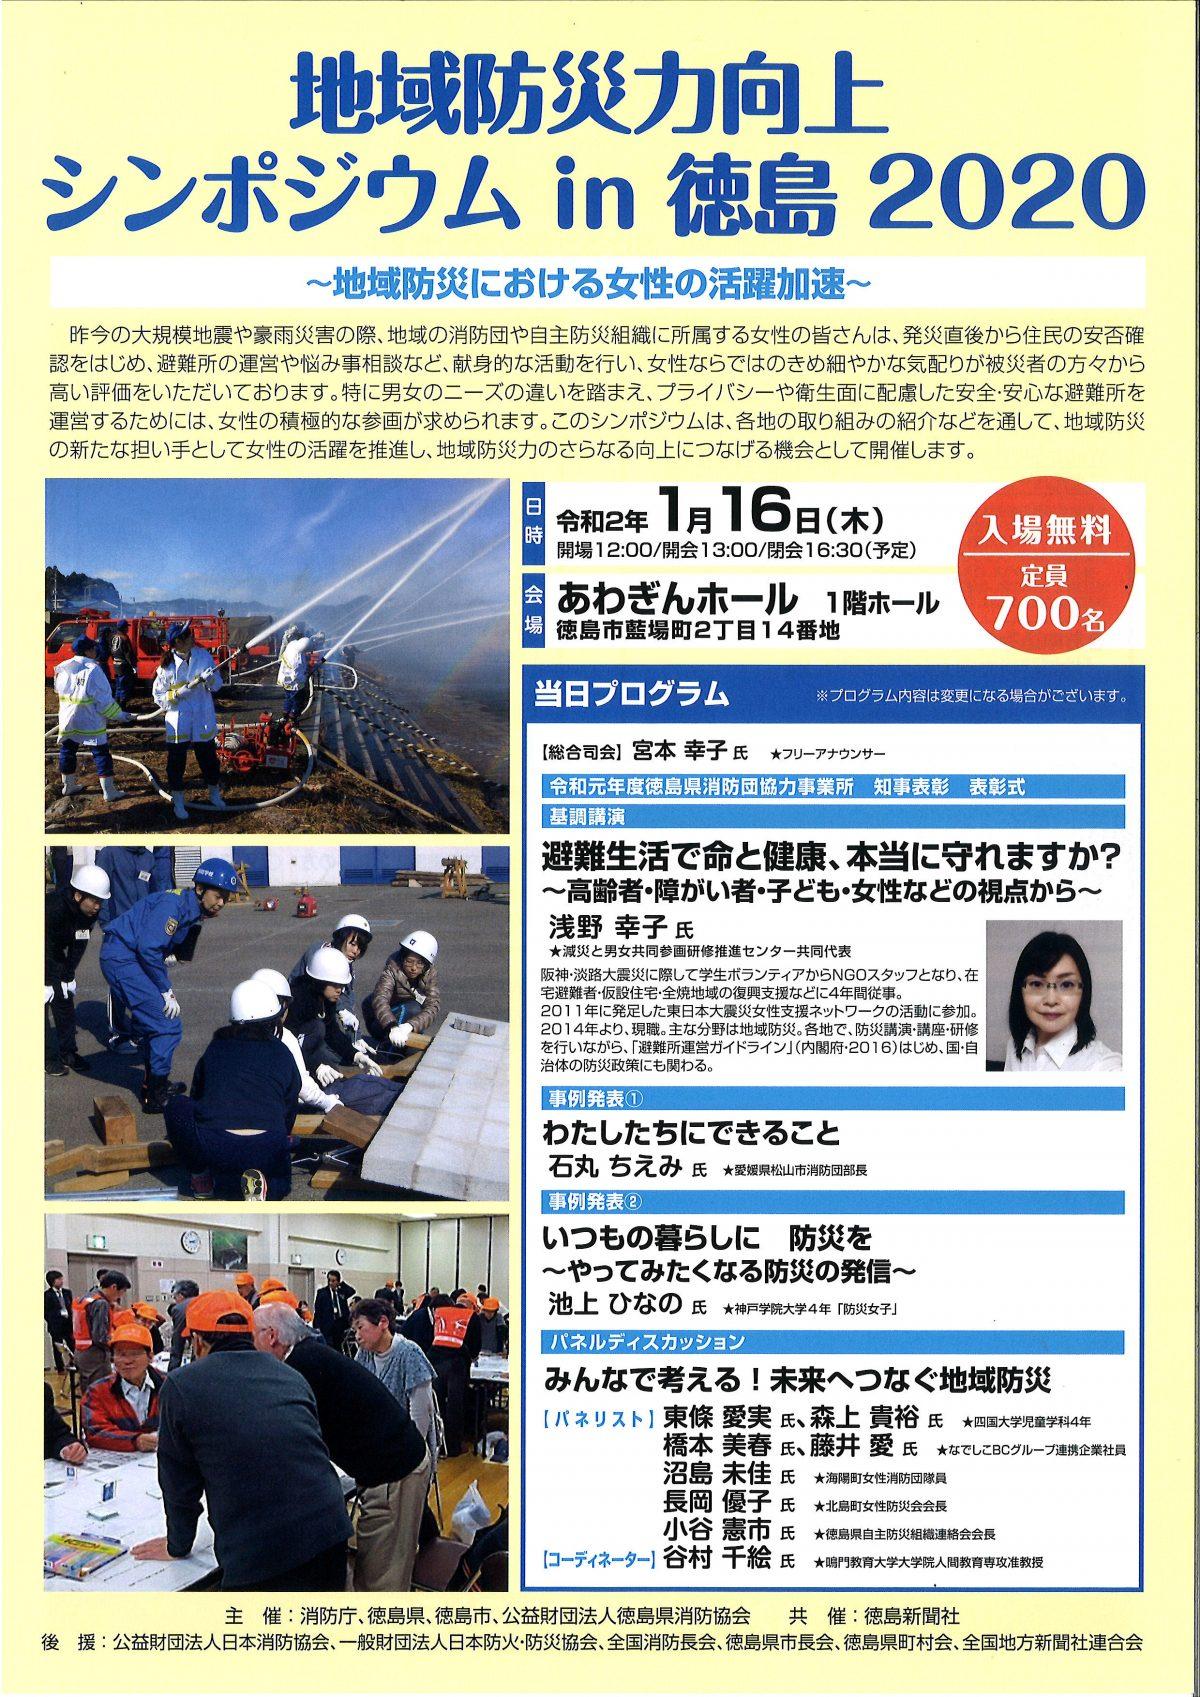 地域防災力向上シンポジウムin徳島2020